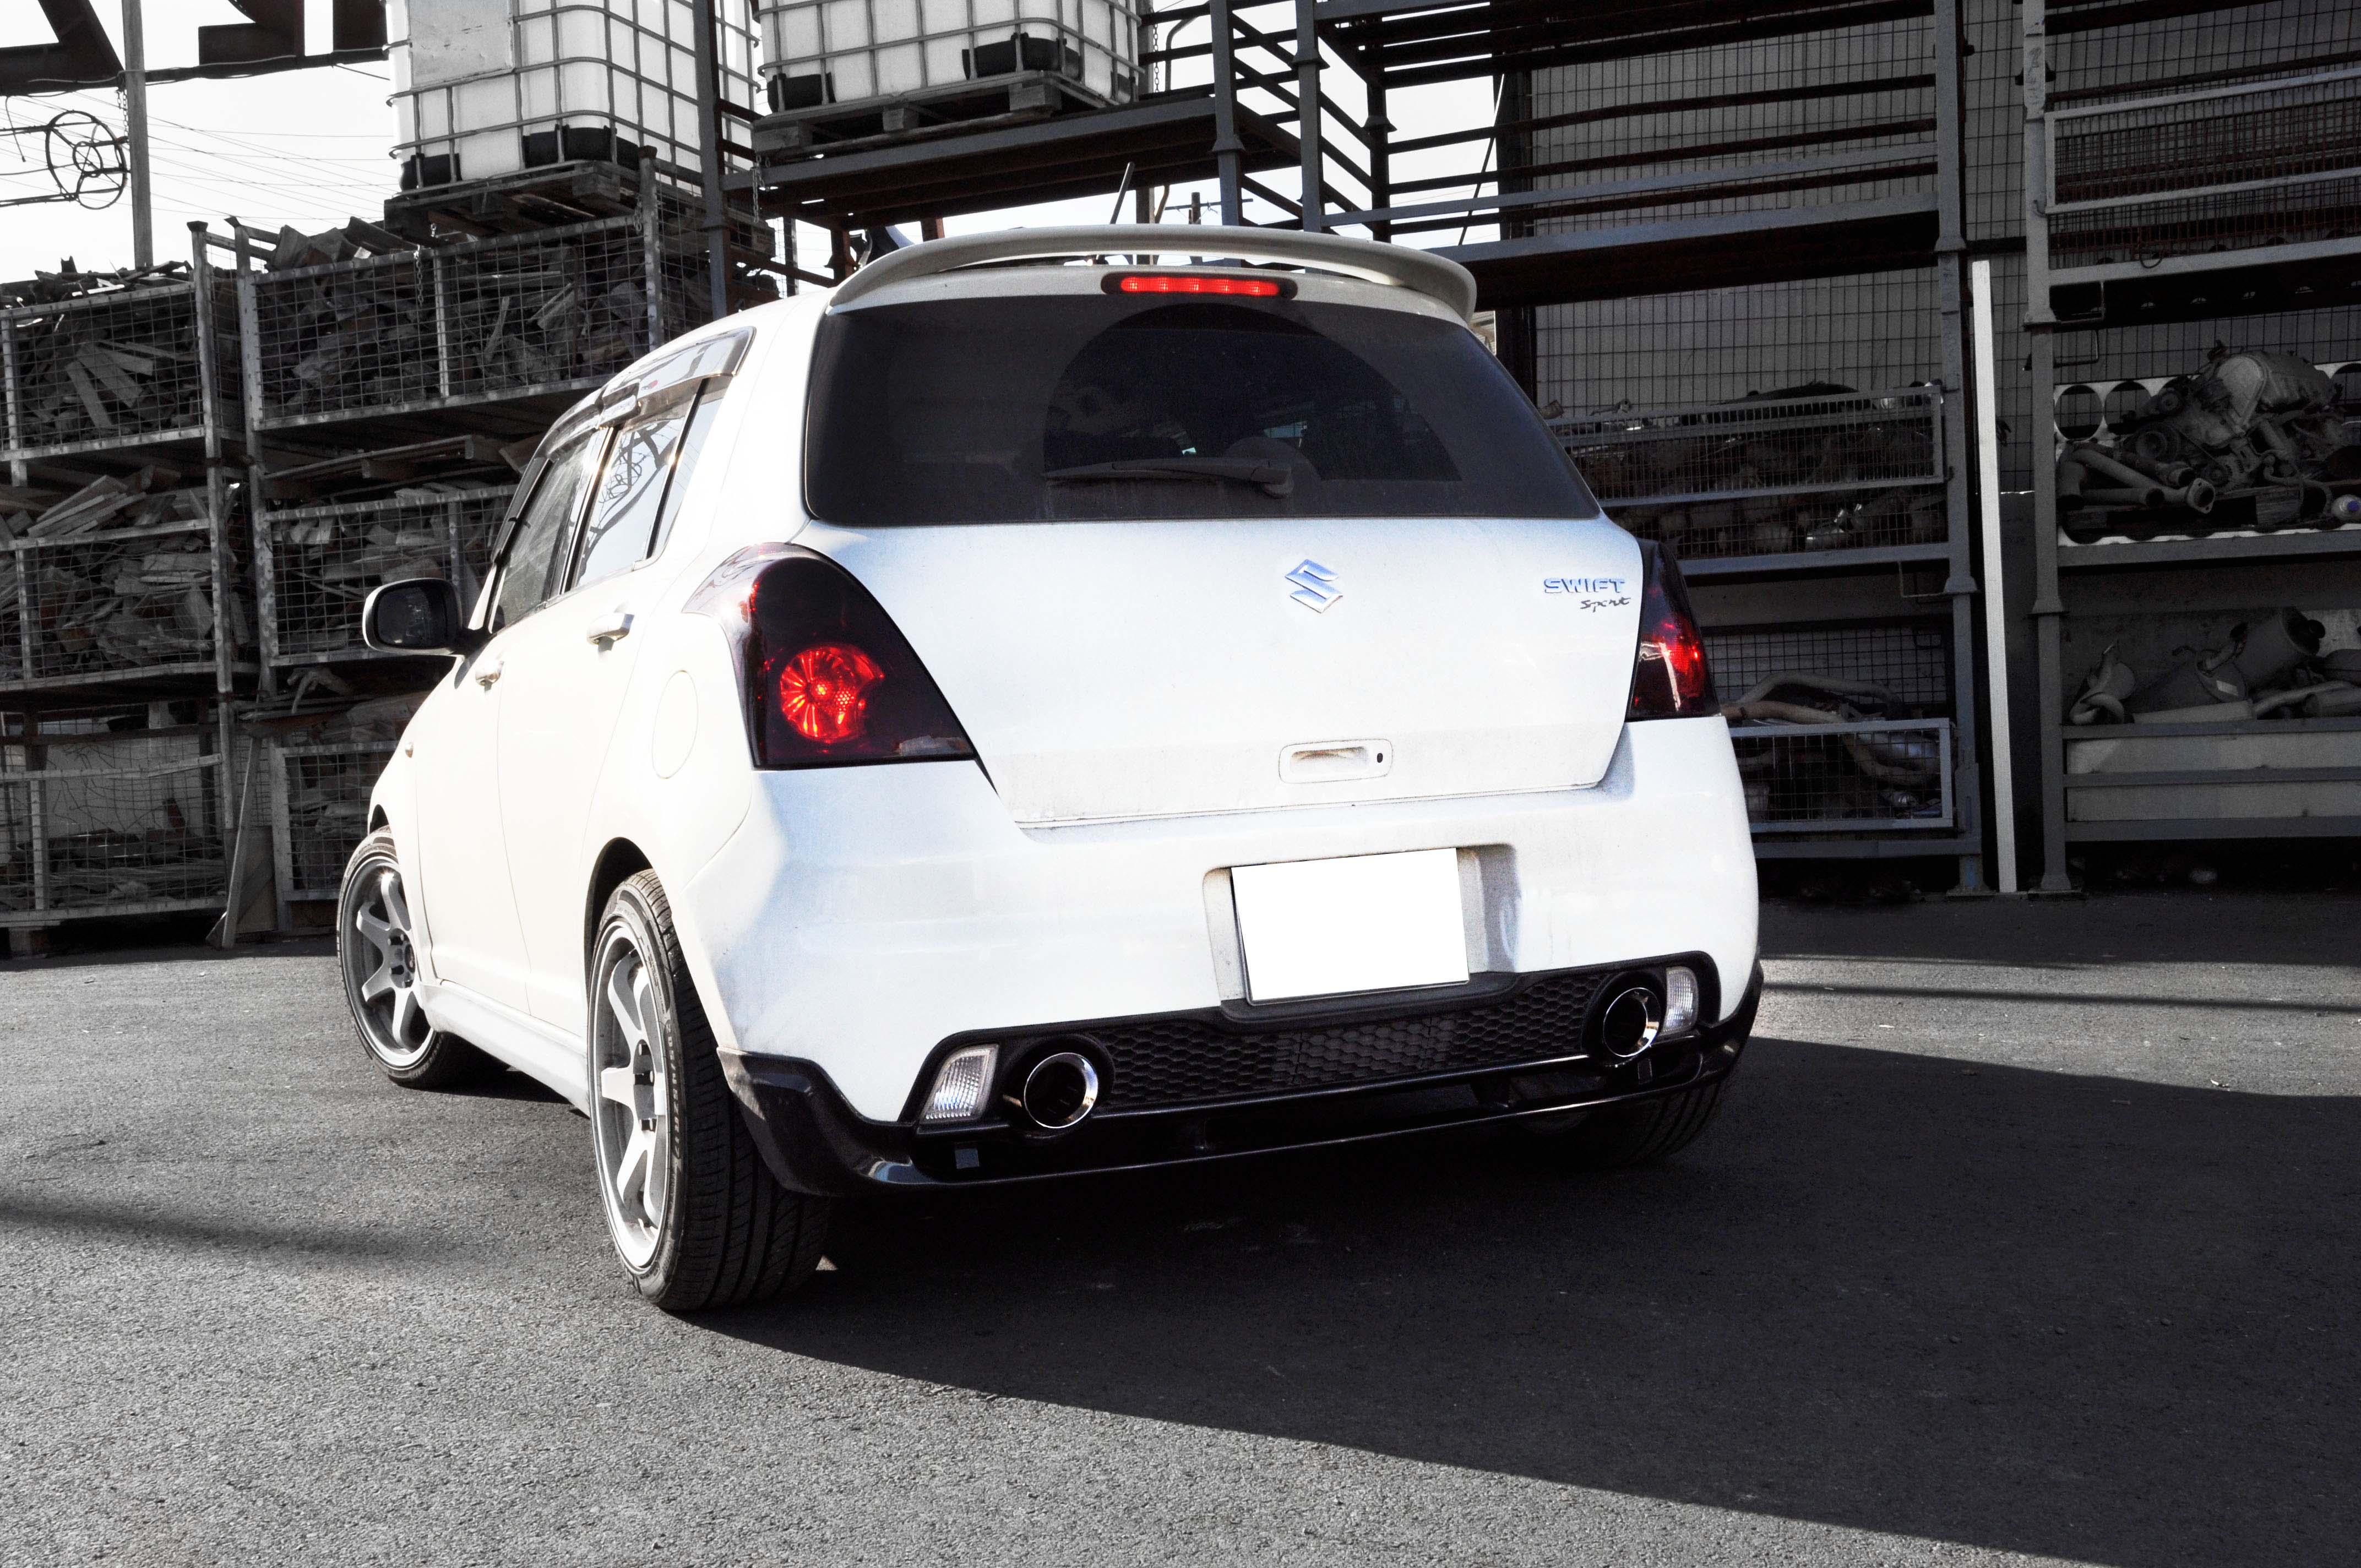 Suzuki Swift 1 5 Sport Exhaust Modification